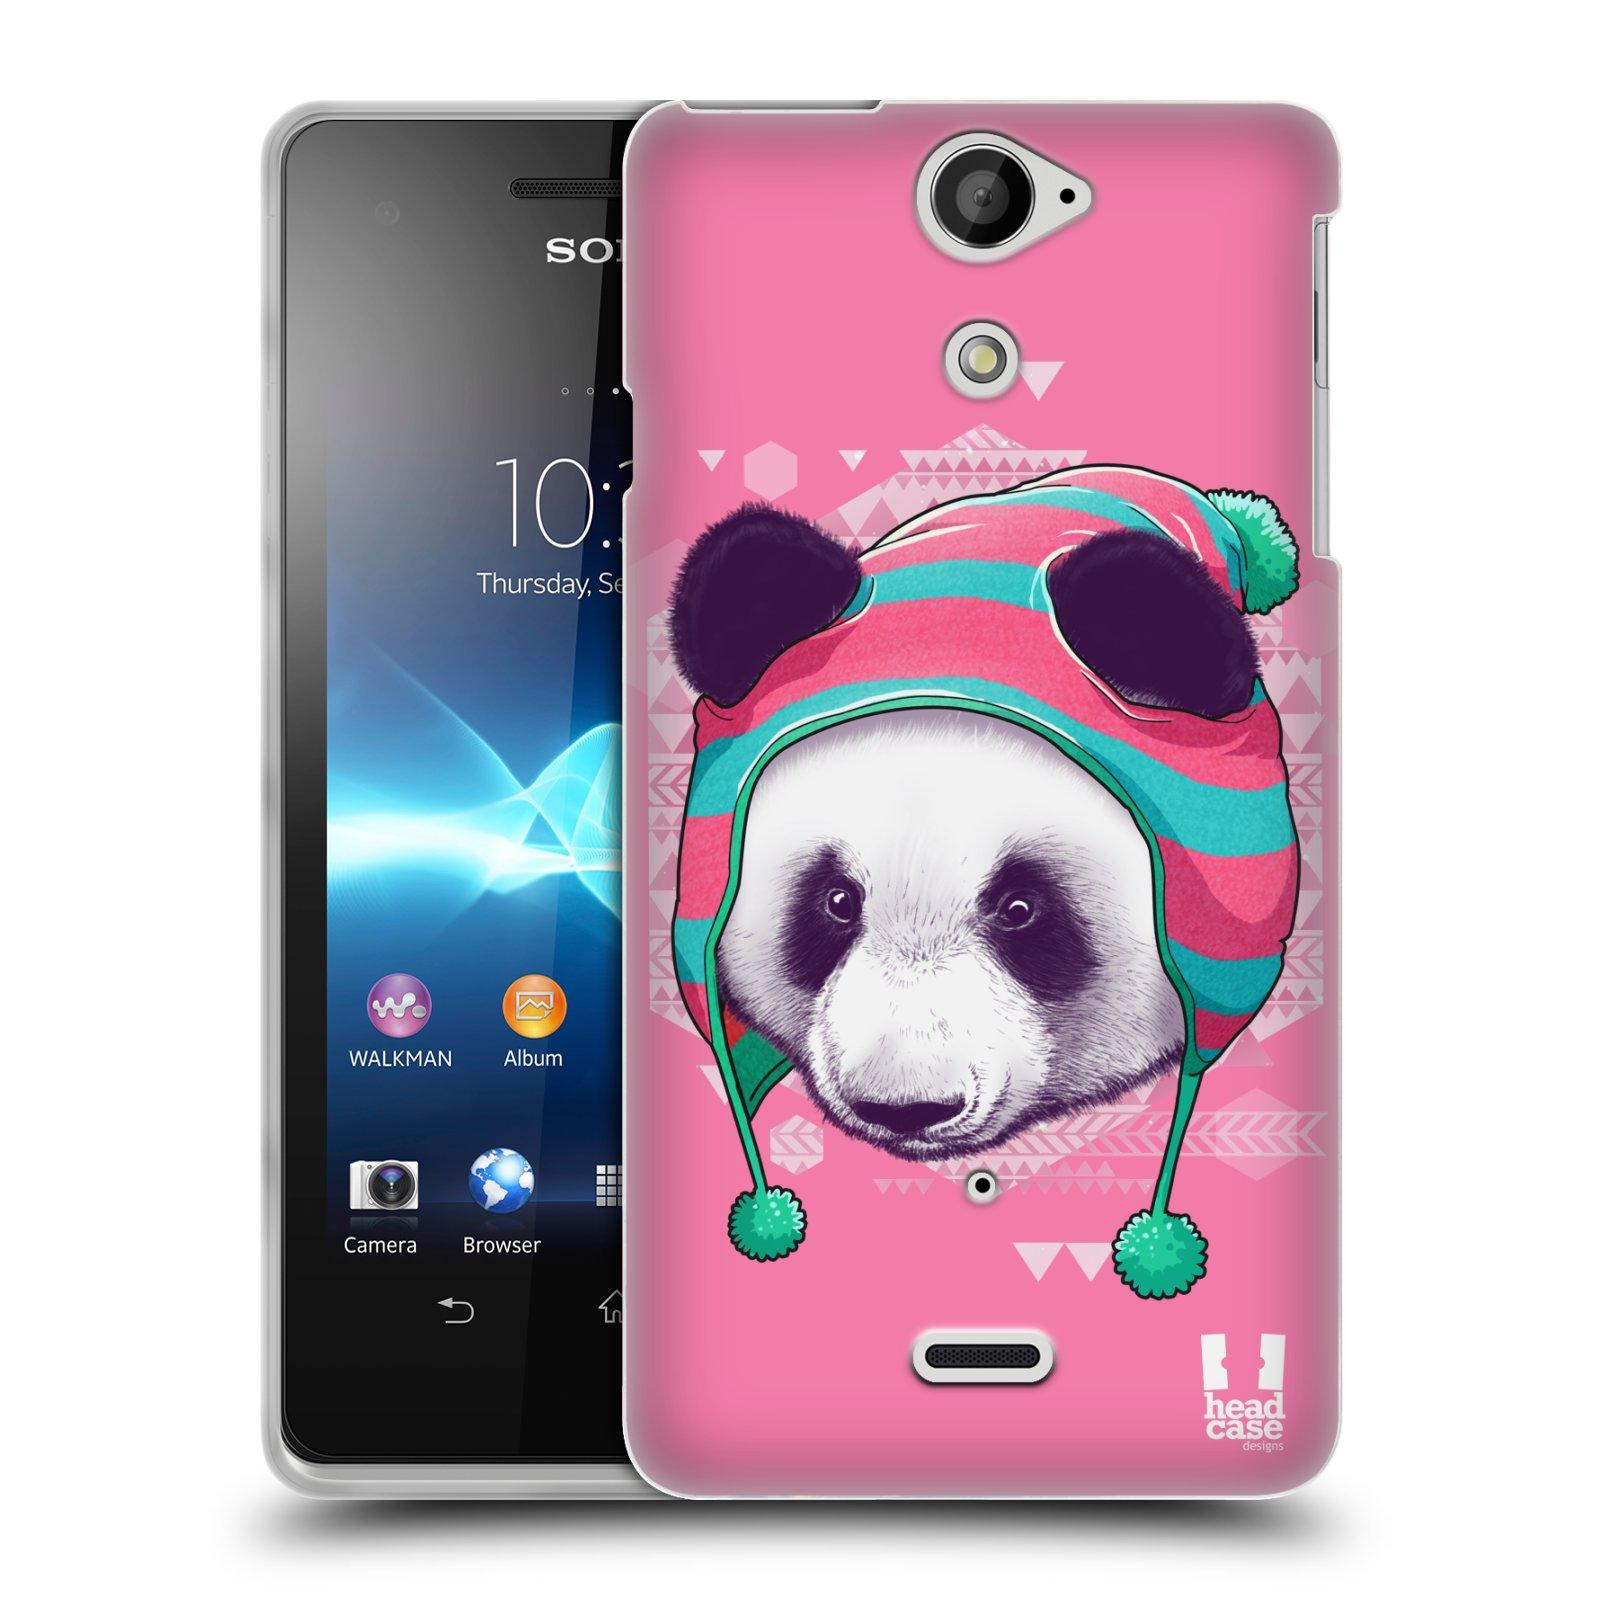 Silikonové pouzdro na mobil Sony Xperia V LT25i HEAD CASE HIPSTR PANDA